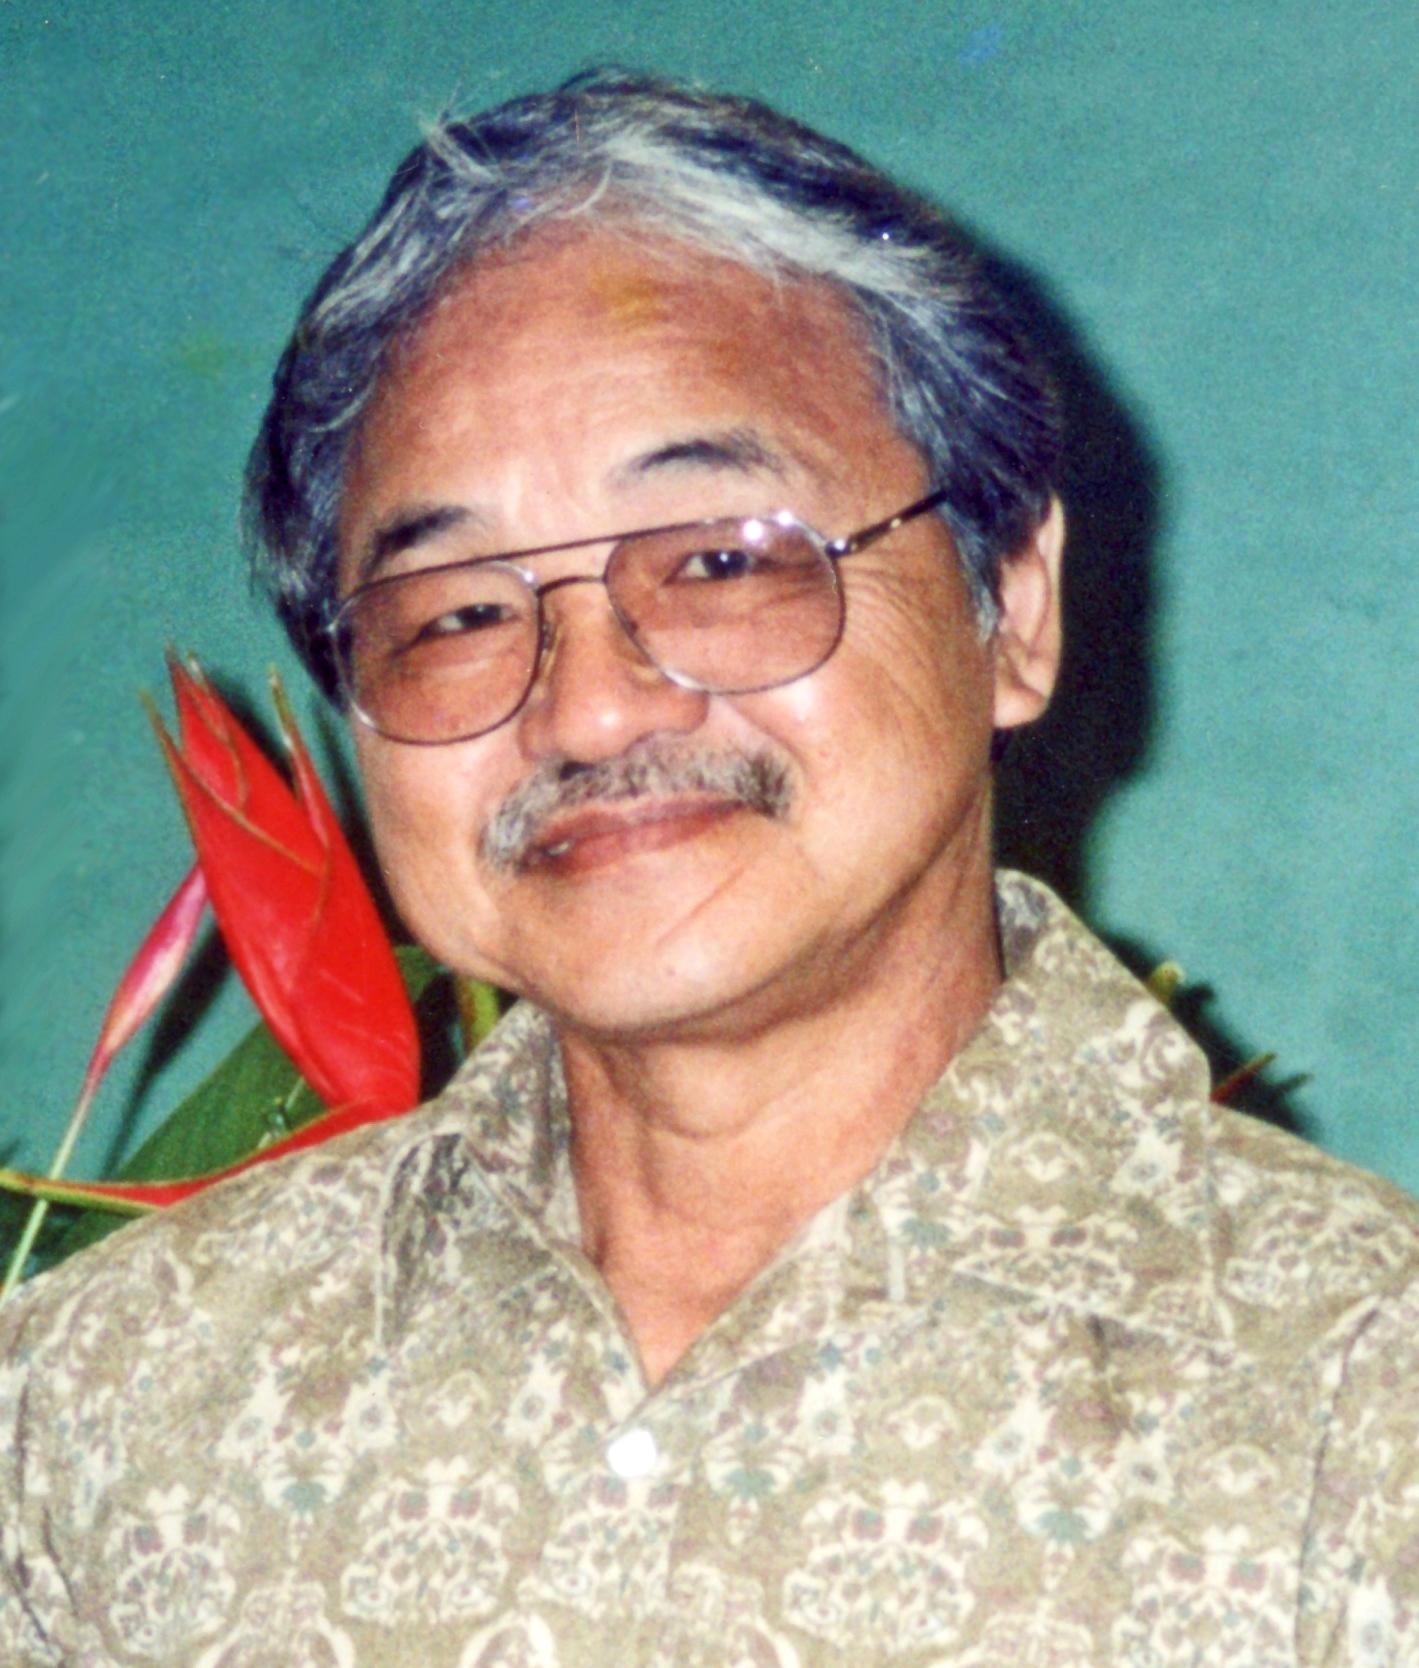 WALTER KAZUNORI MATSUMOTO